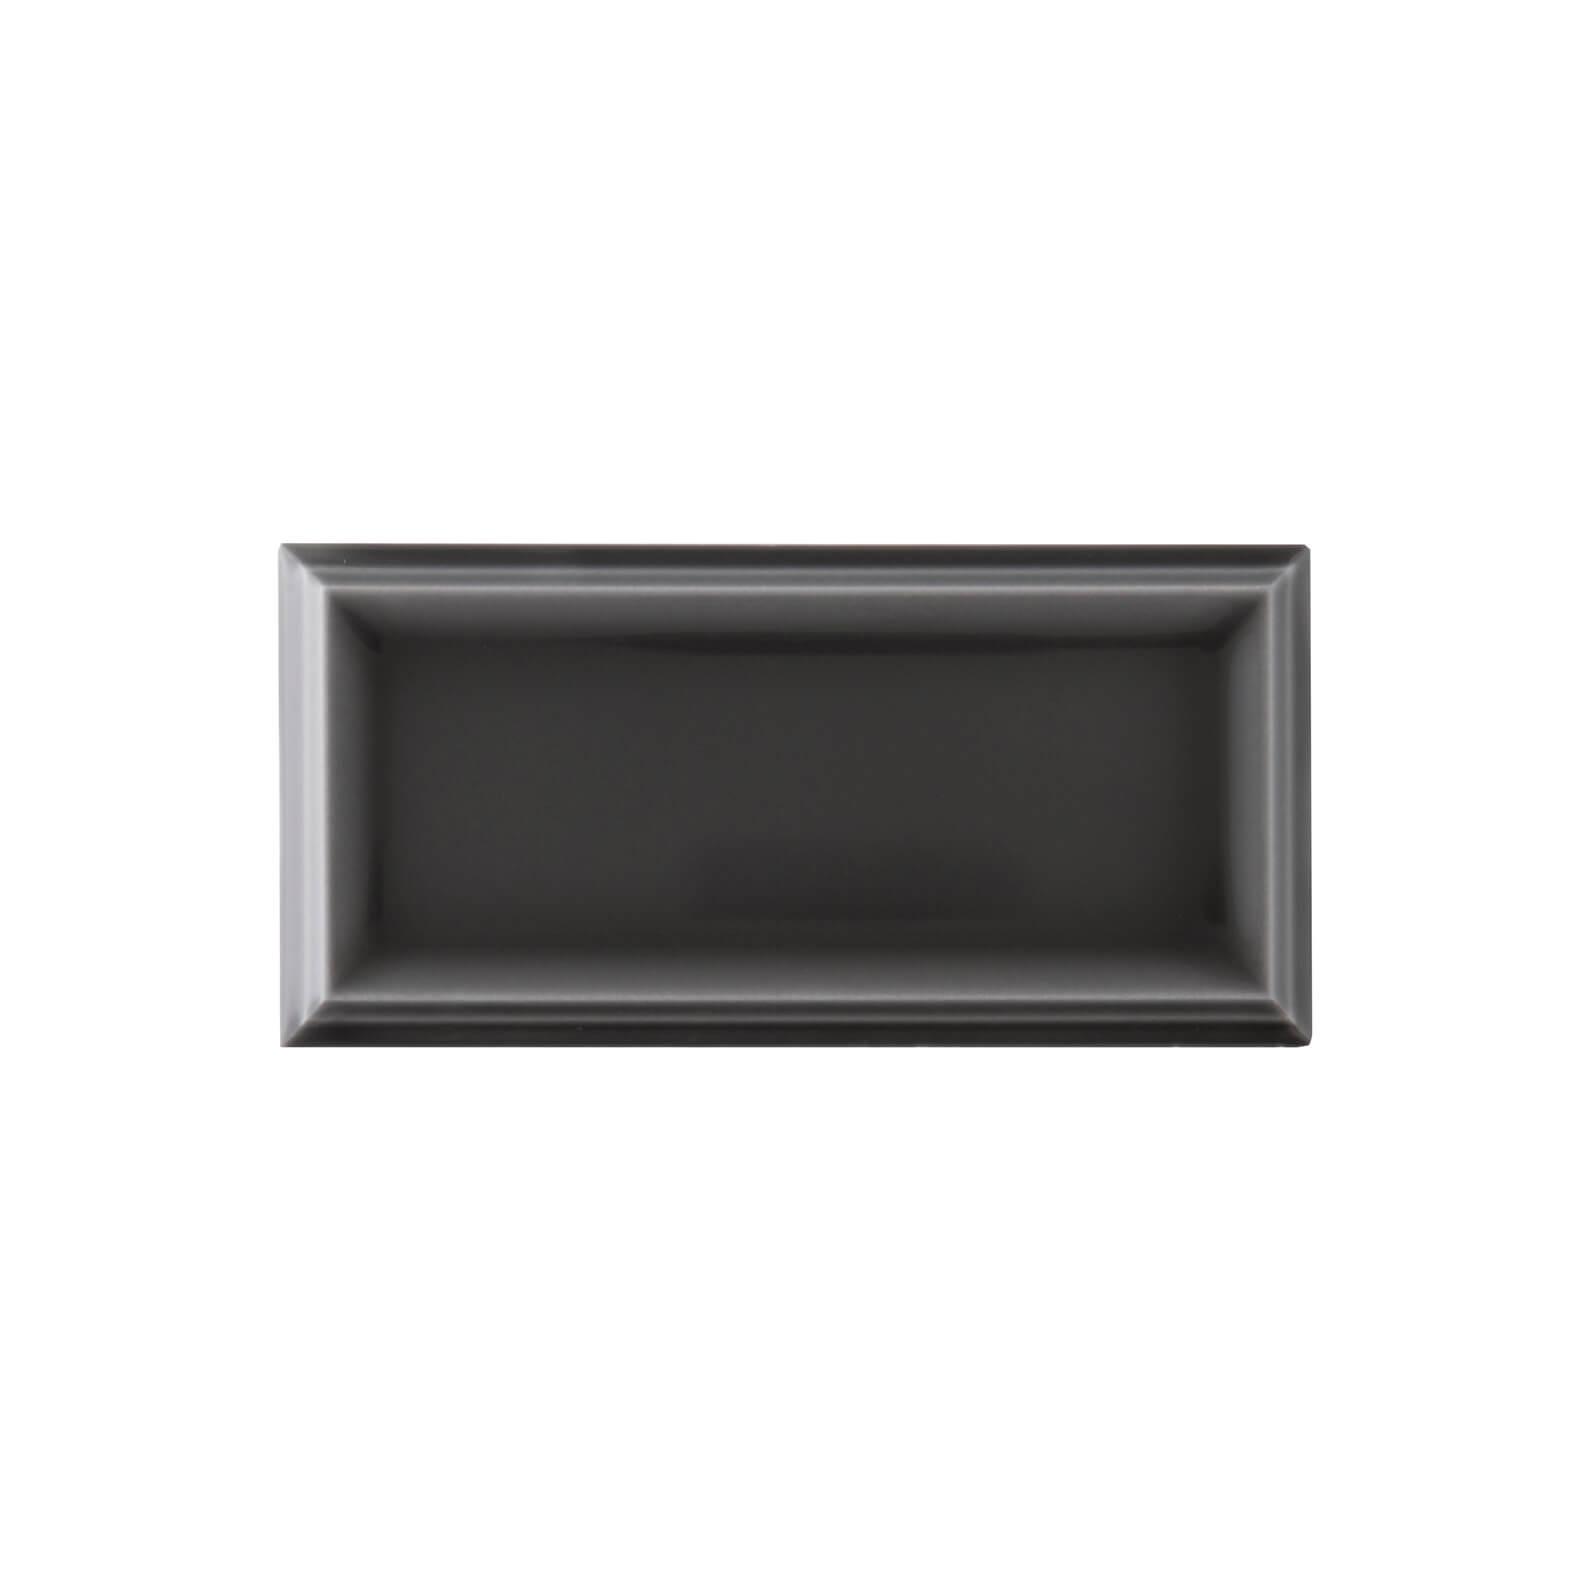 ADST1082 - LISO FRAMED - 7.3 cm X 14.8 cm